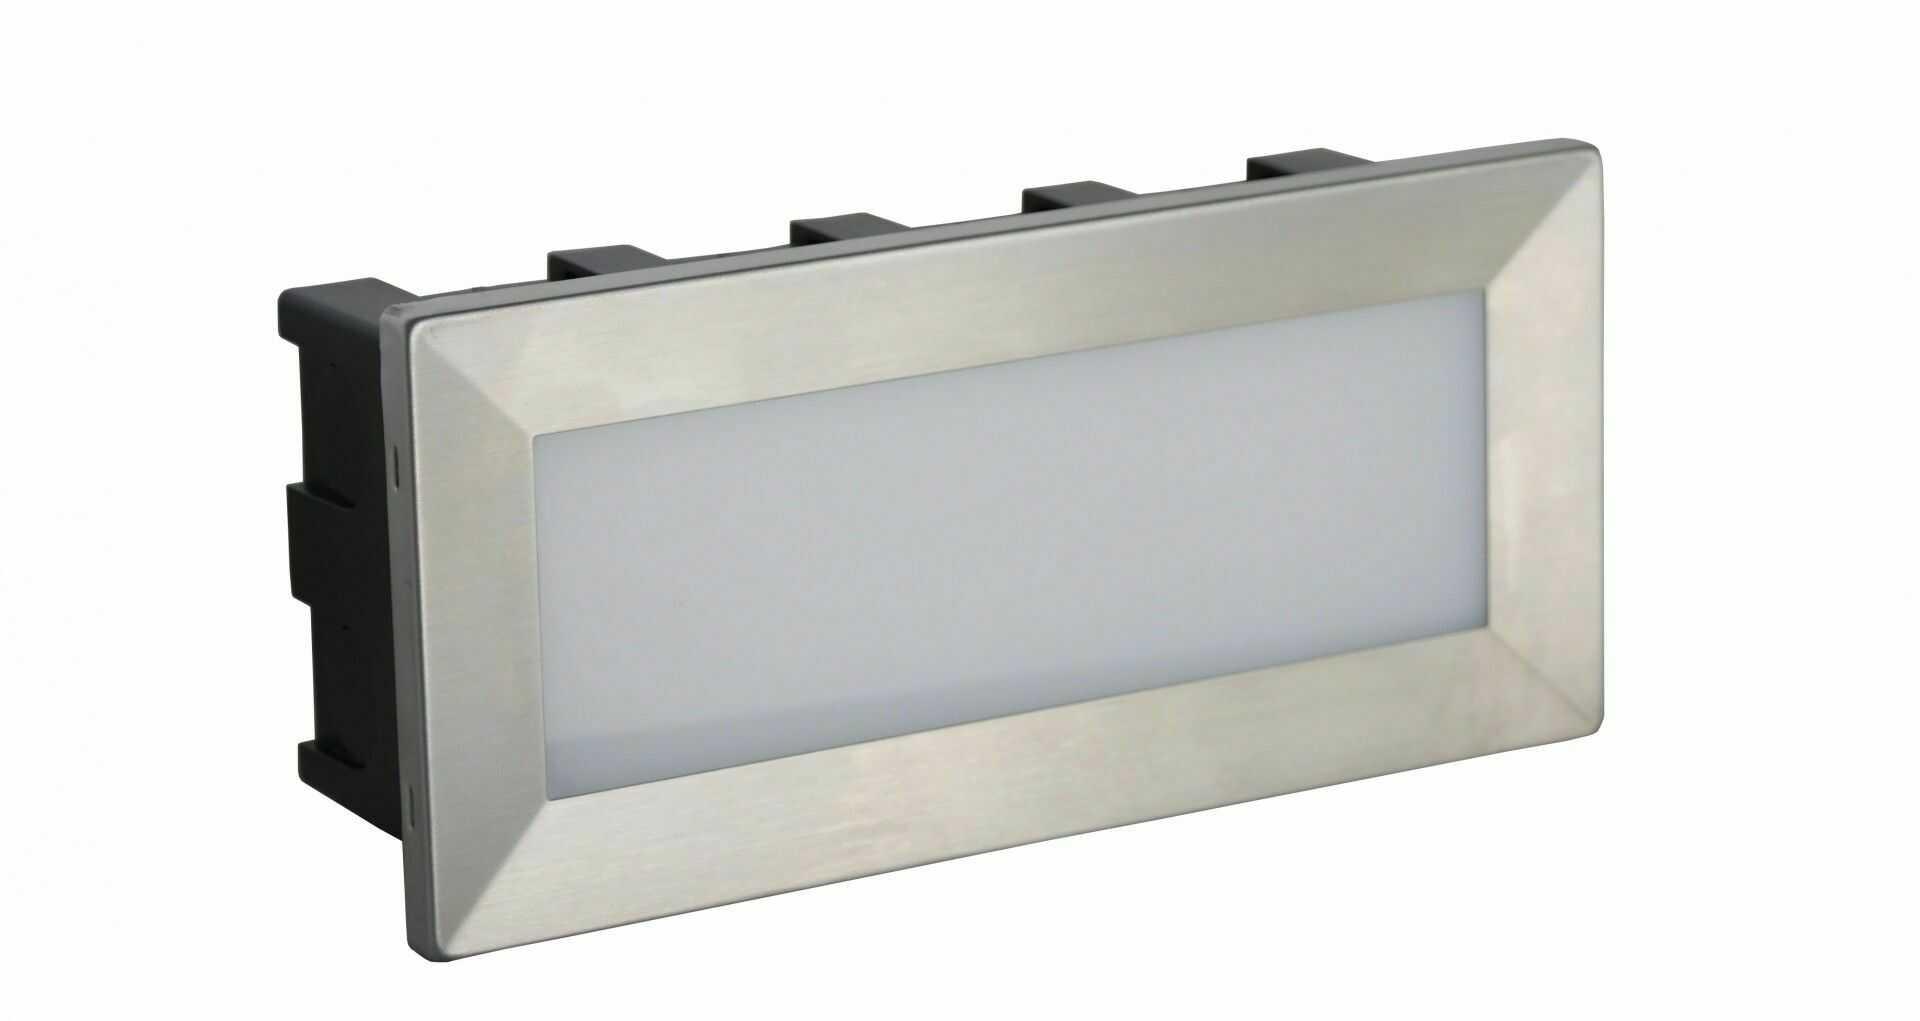 Oprawa do wbudowania MUR LED INOX C 04 - SU-MA  Sprawdź kupony i rabaty w koszyku  Zamów tel  533-810-034